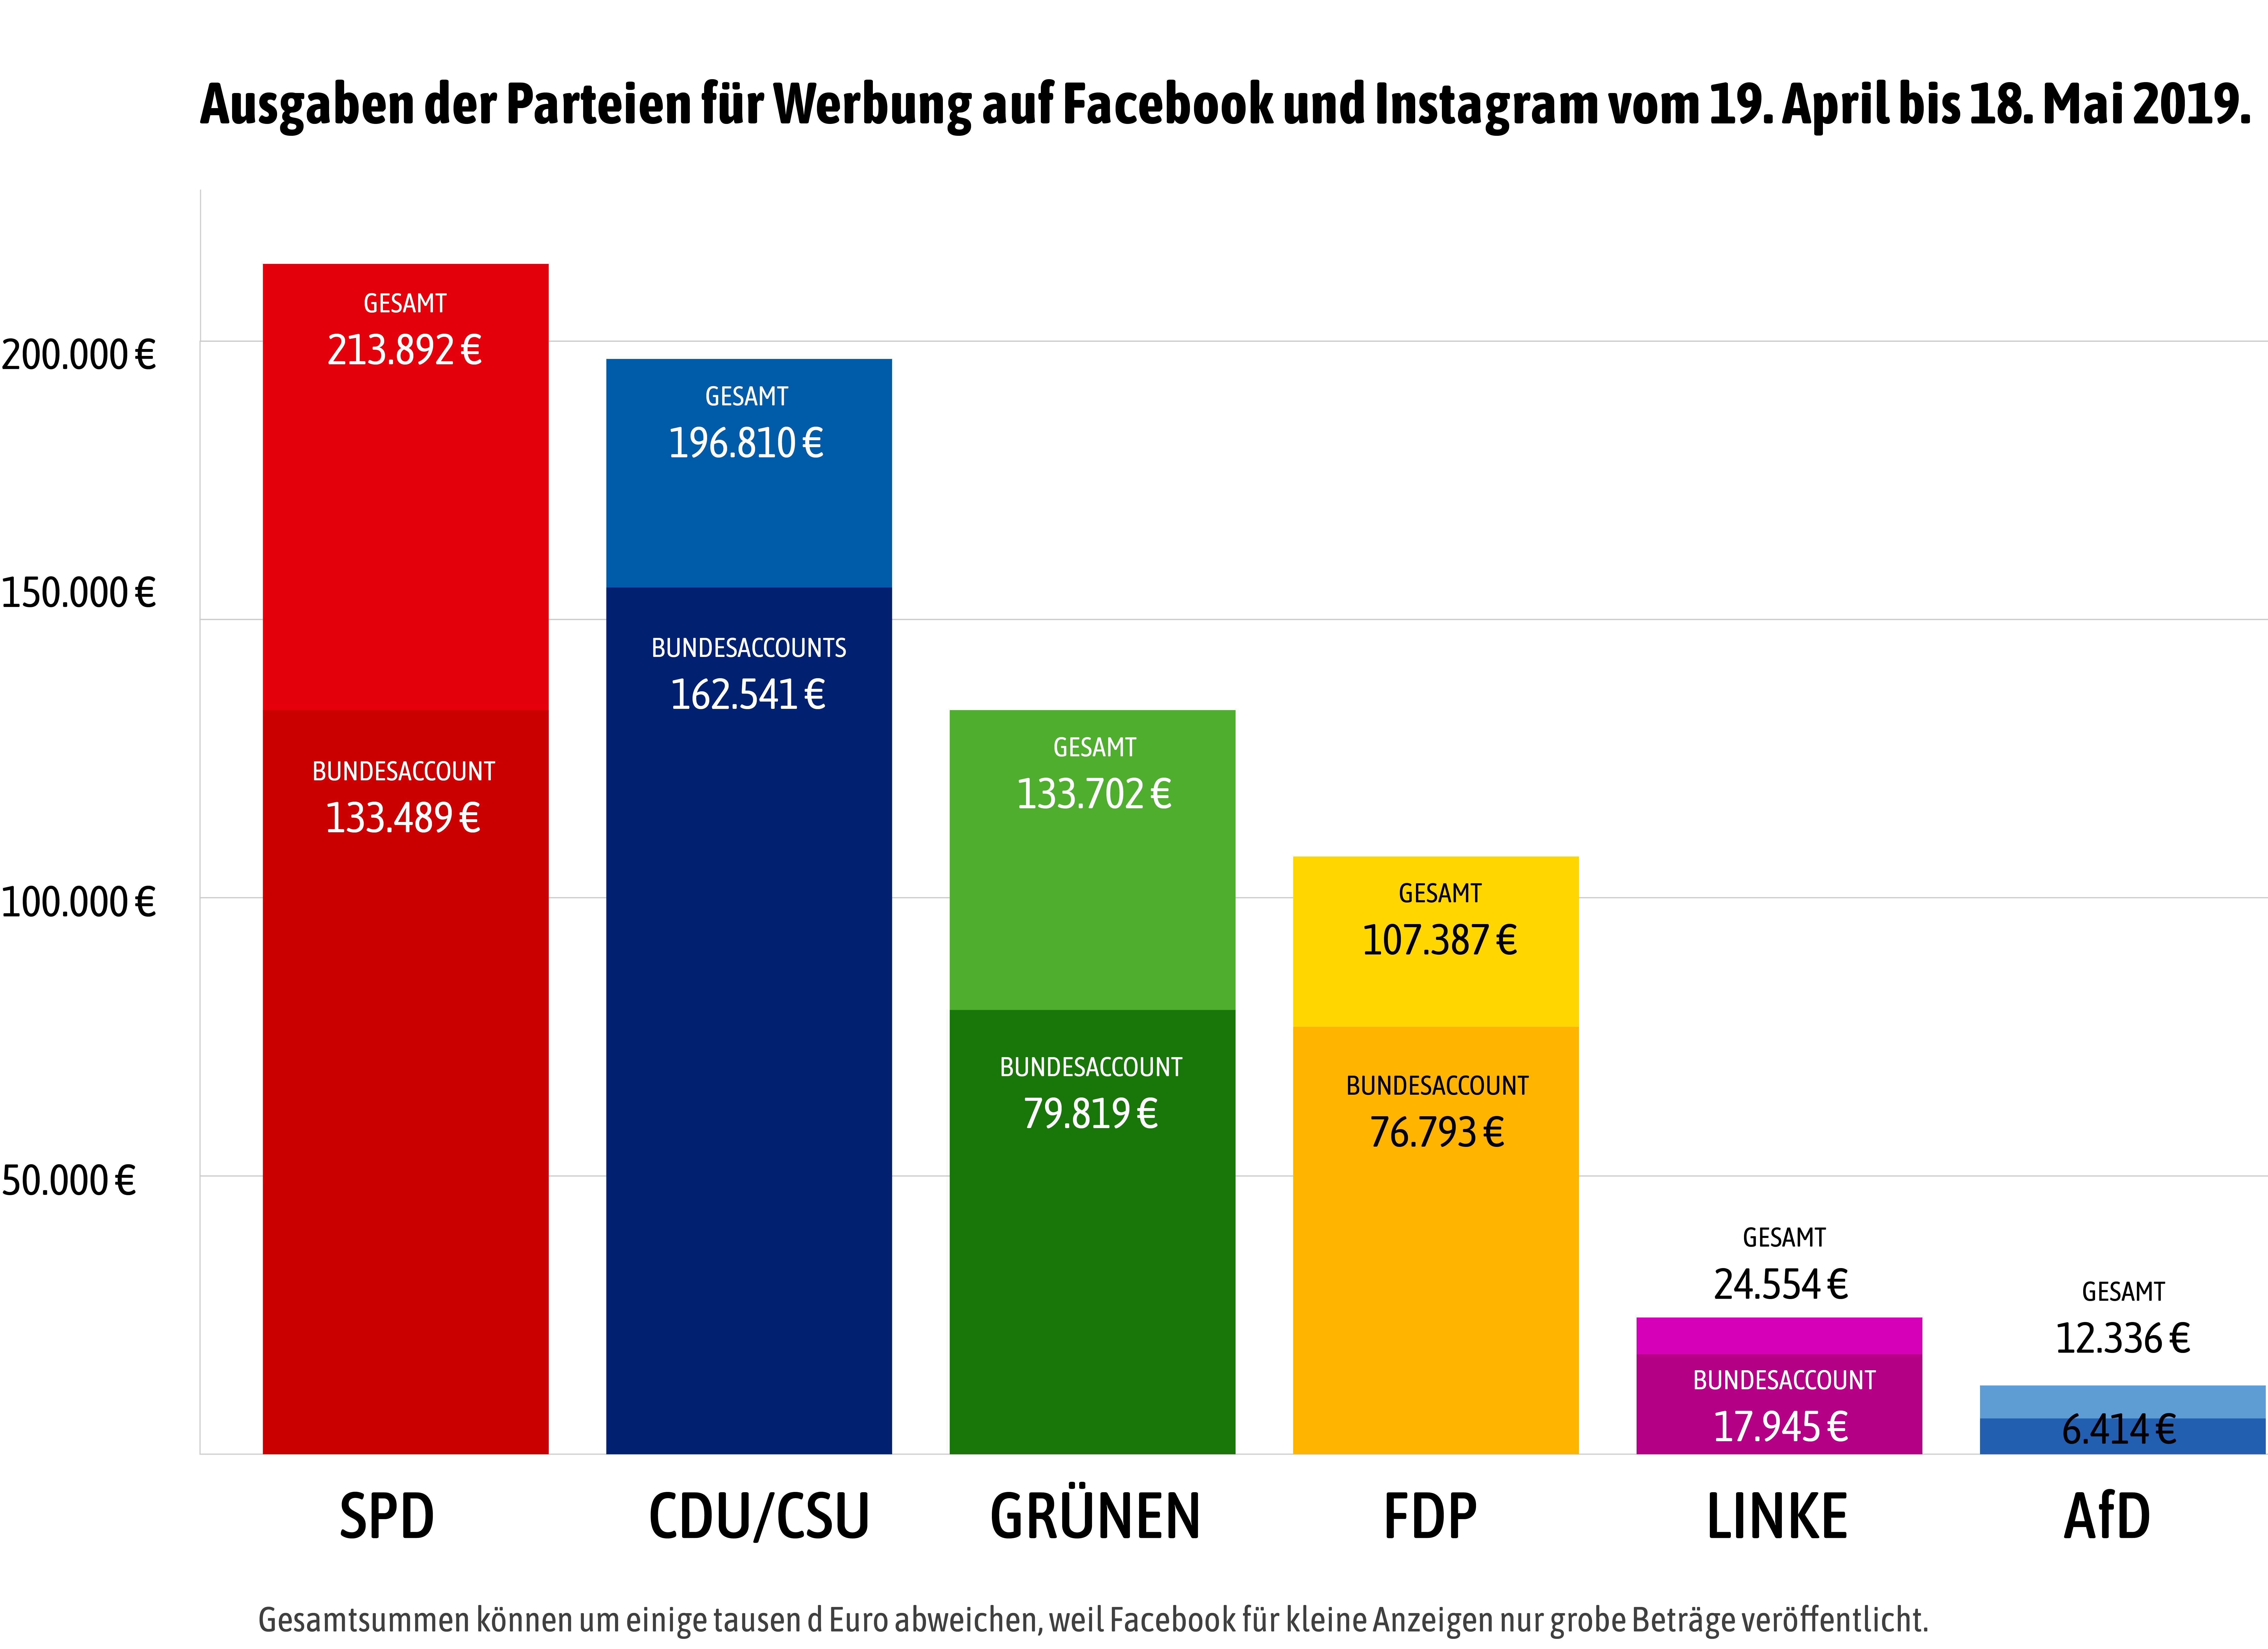 Zahlen, bitte: So viel geben deutsche Parteien für Werbung ...